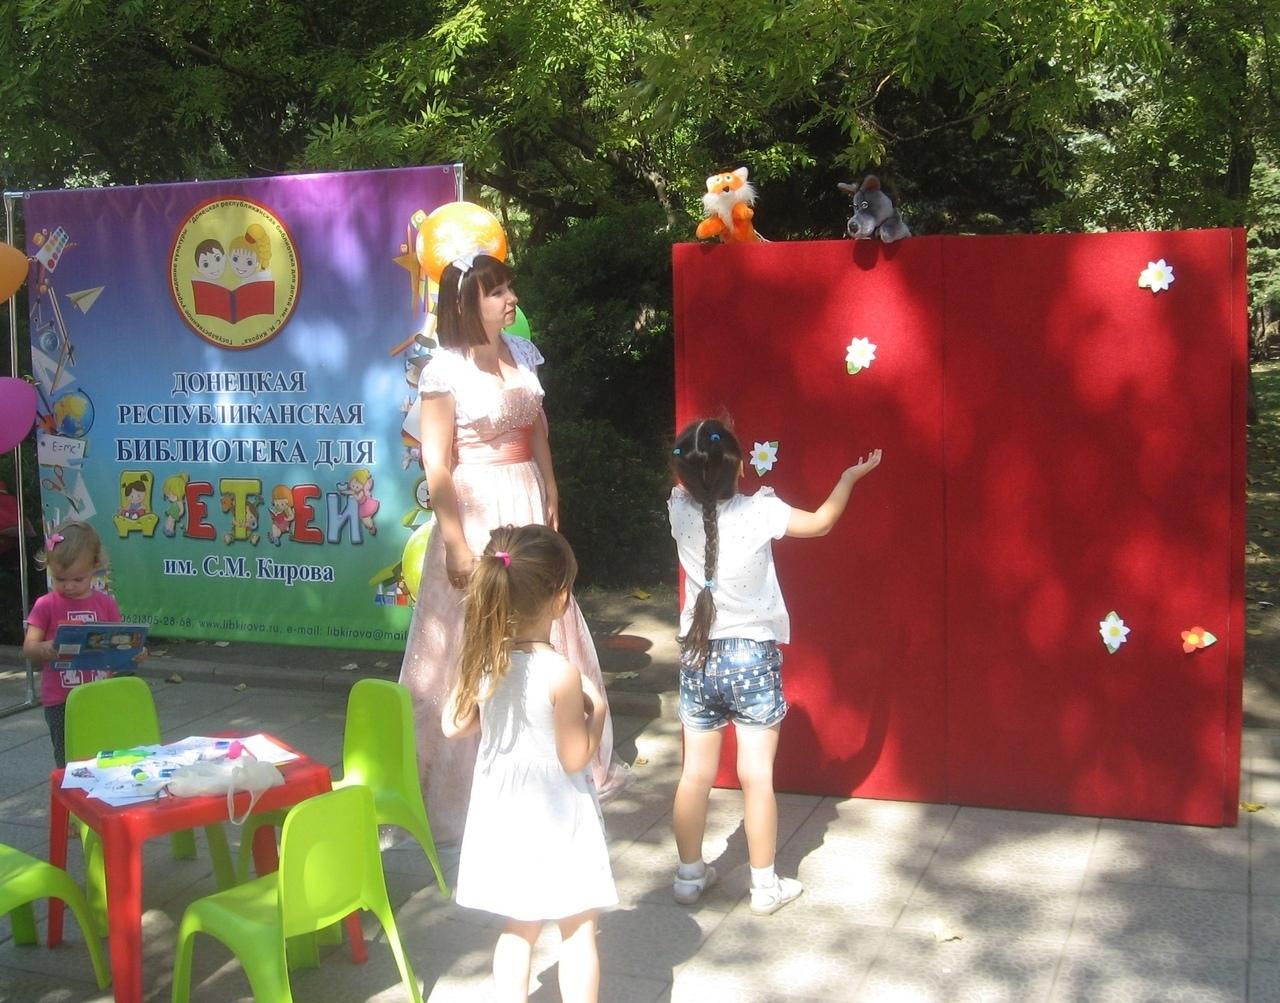 Донецкая республиканская библиотека для детей, день знаний, занятия с детьми, в библиотеке интересно